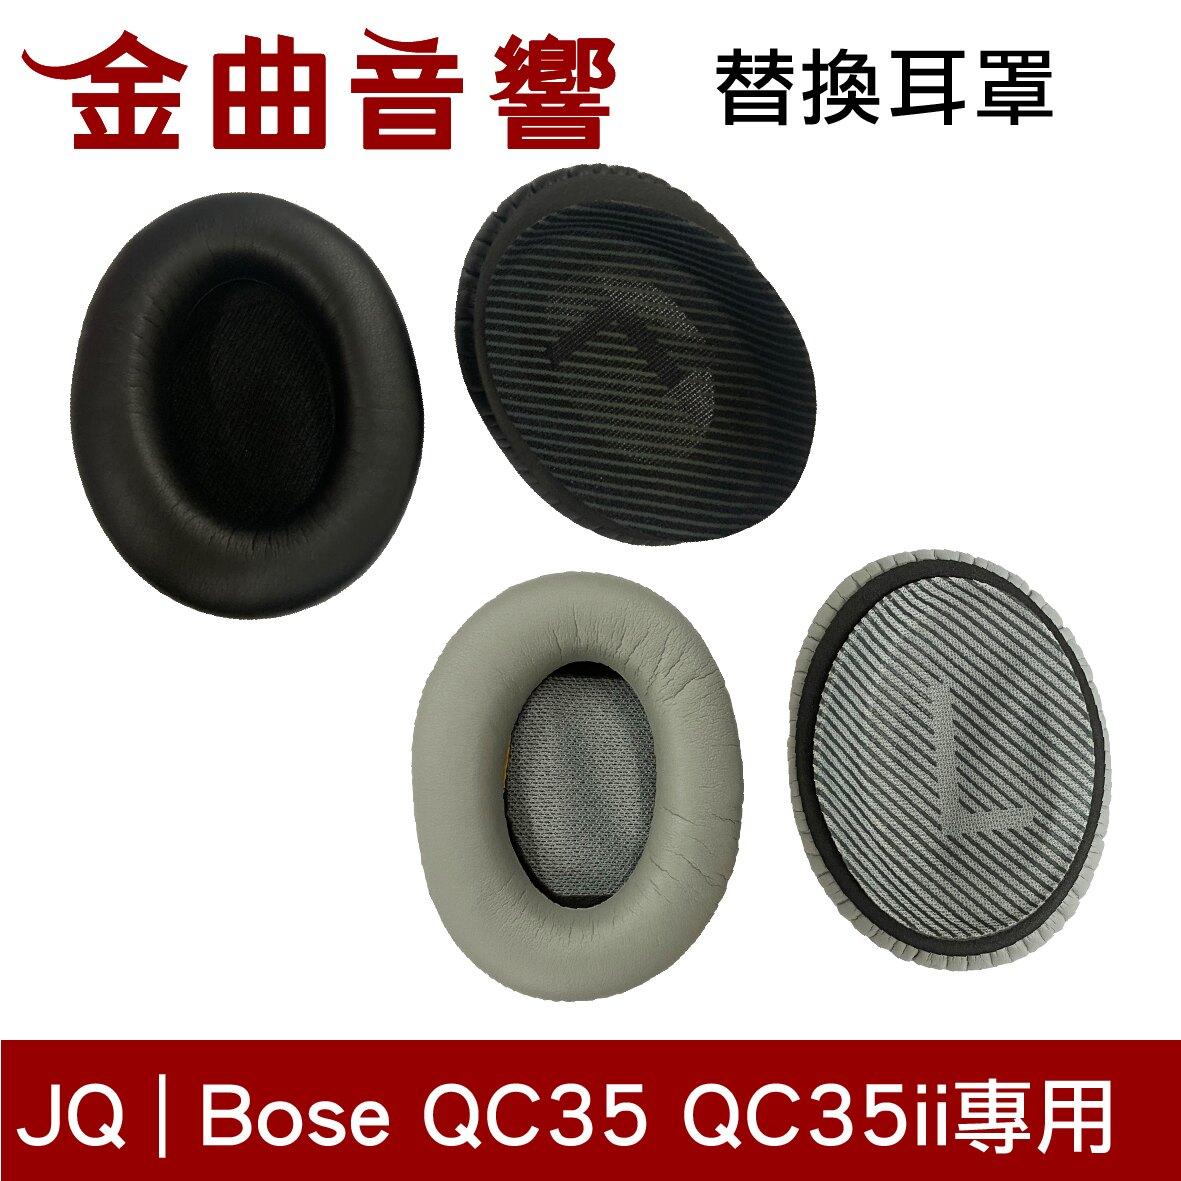 Bose 博士 QC35 銀 替換耳罩 專用耳罩 + 耳墊   金曲音響